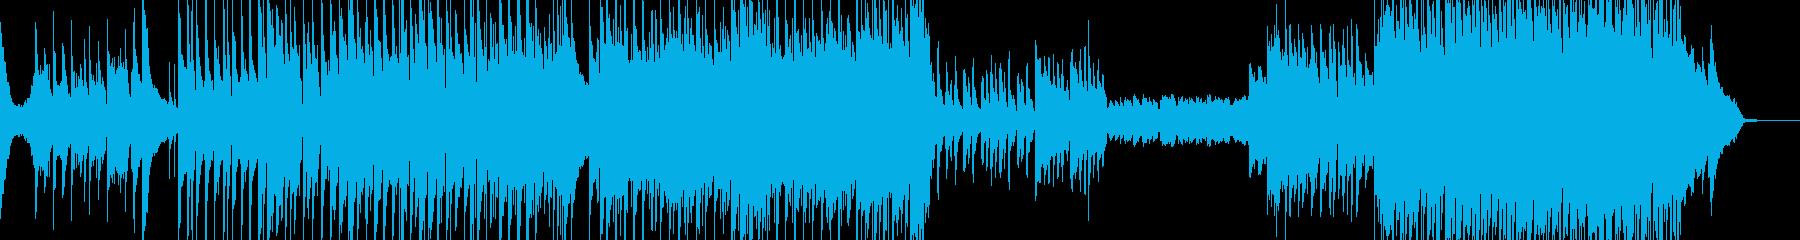 ラストが劇的・90年代風バラード 短尺★の再生済みの波形